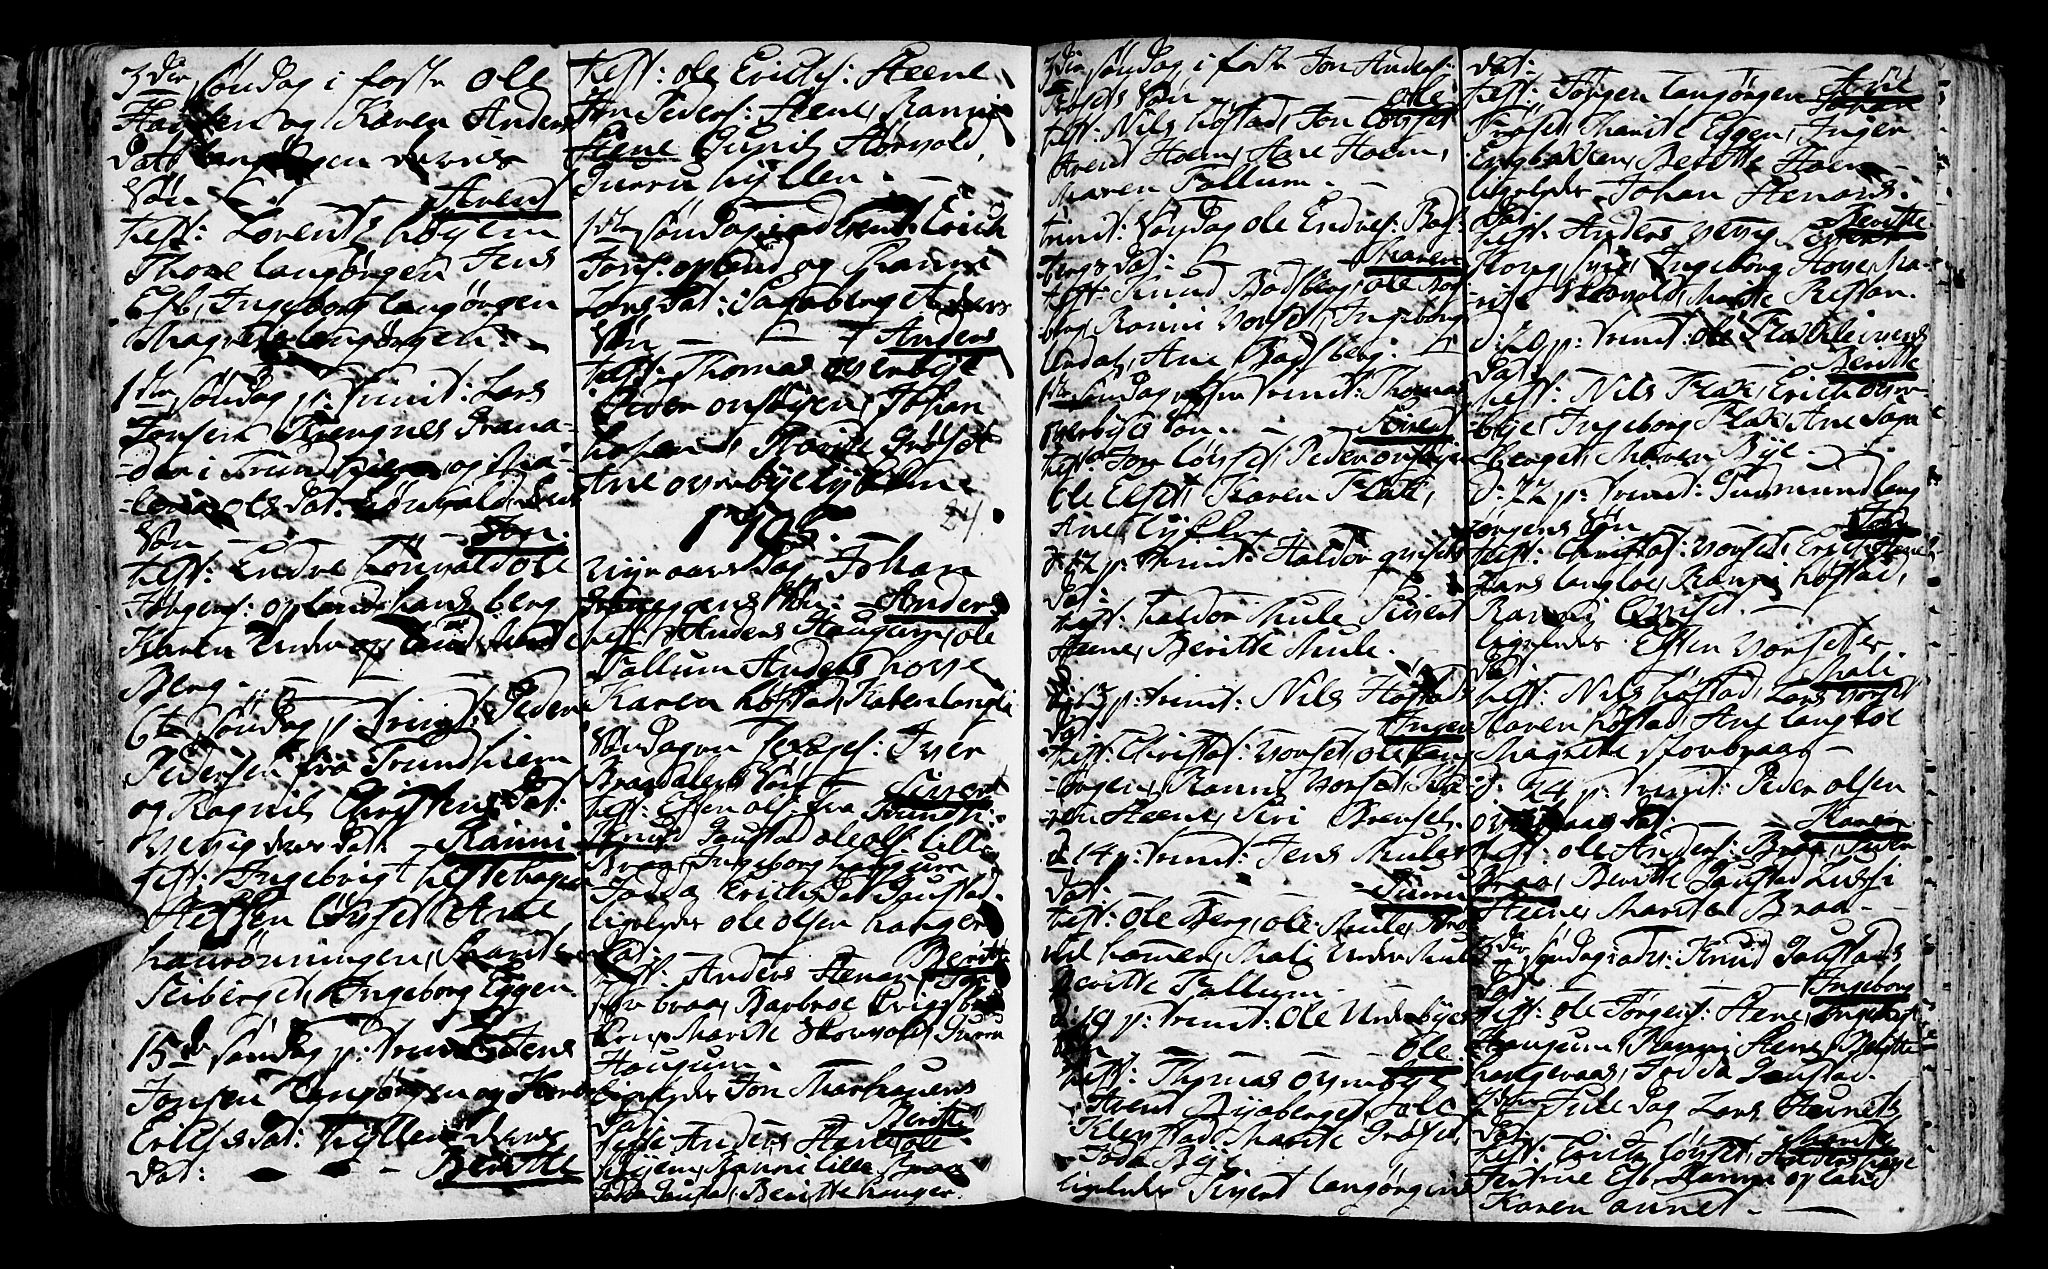 SAT, Ministerialprotokoller, klokkerbøker og fødselsregistre - Sør-Trøndelag, 612/L0370: Ministerialbok nr. 612A04, 1754-1802, s. 121